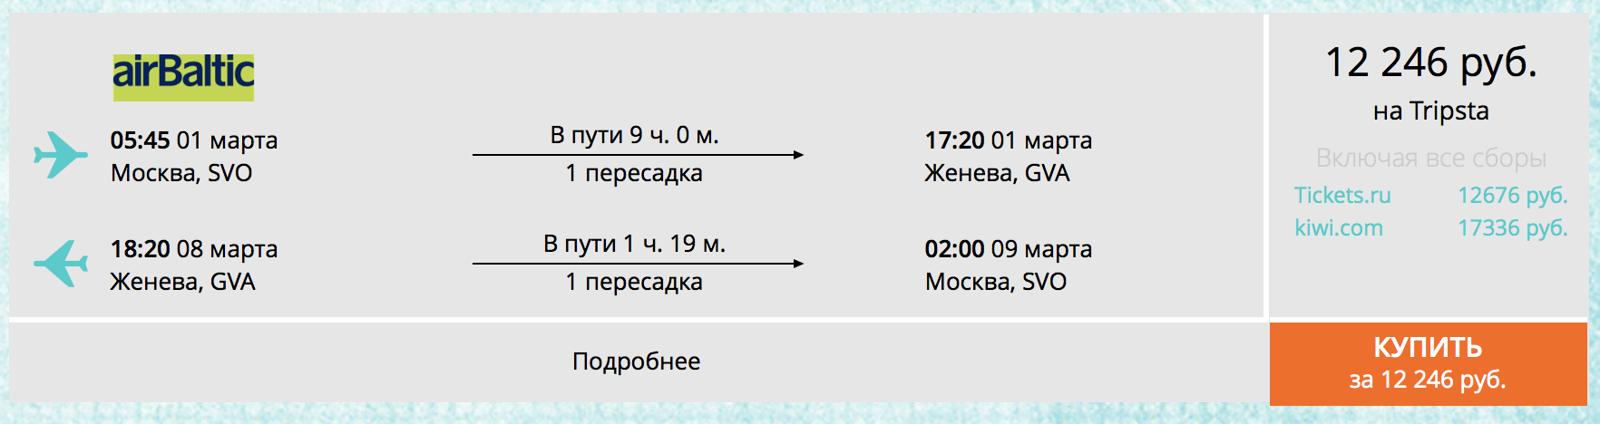 Снимок экрана 2018-02-20 в 0.39.51.png